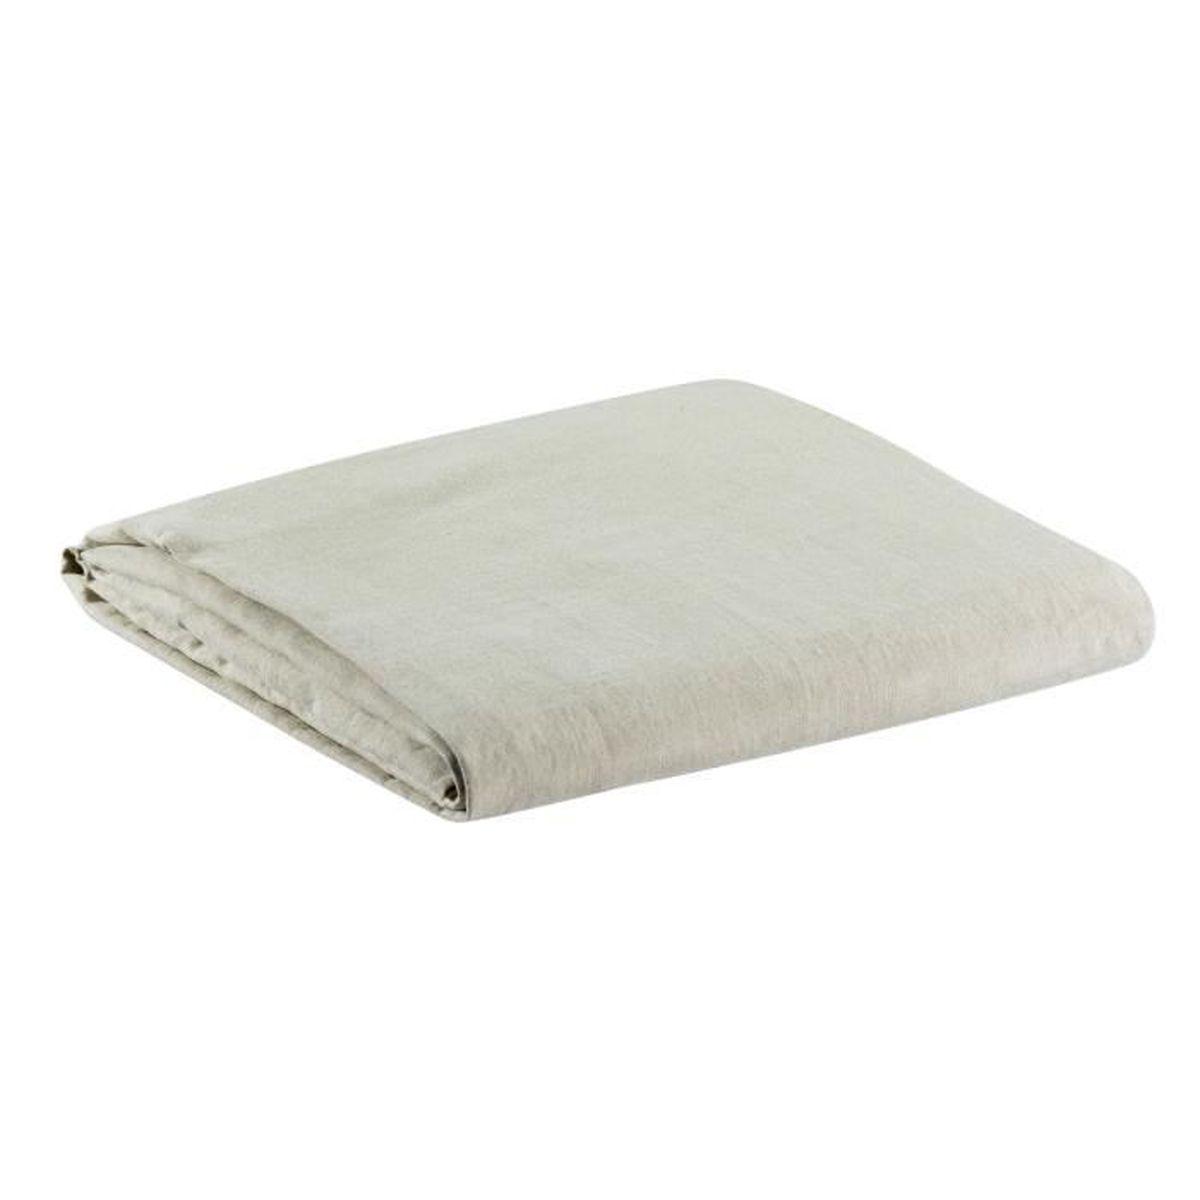 drap housse stonewashed zephyr naturel vivaraise 200 x 180 naturel achat vente housse de. Black Bedroom Furniture Sets. Home Design Ideas